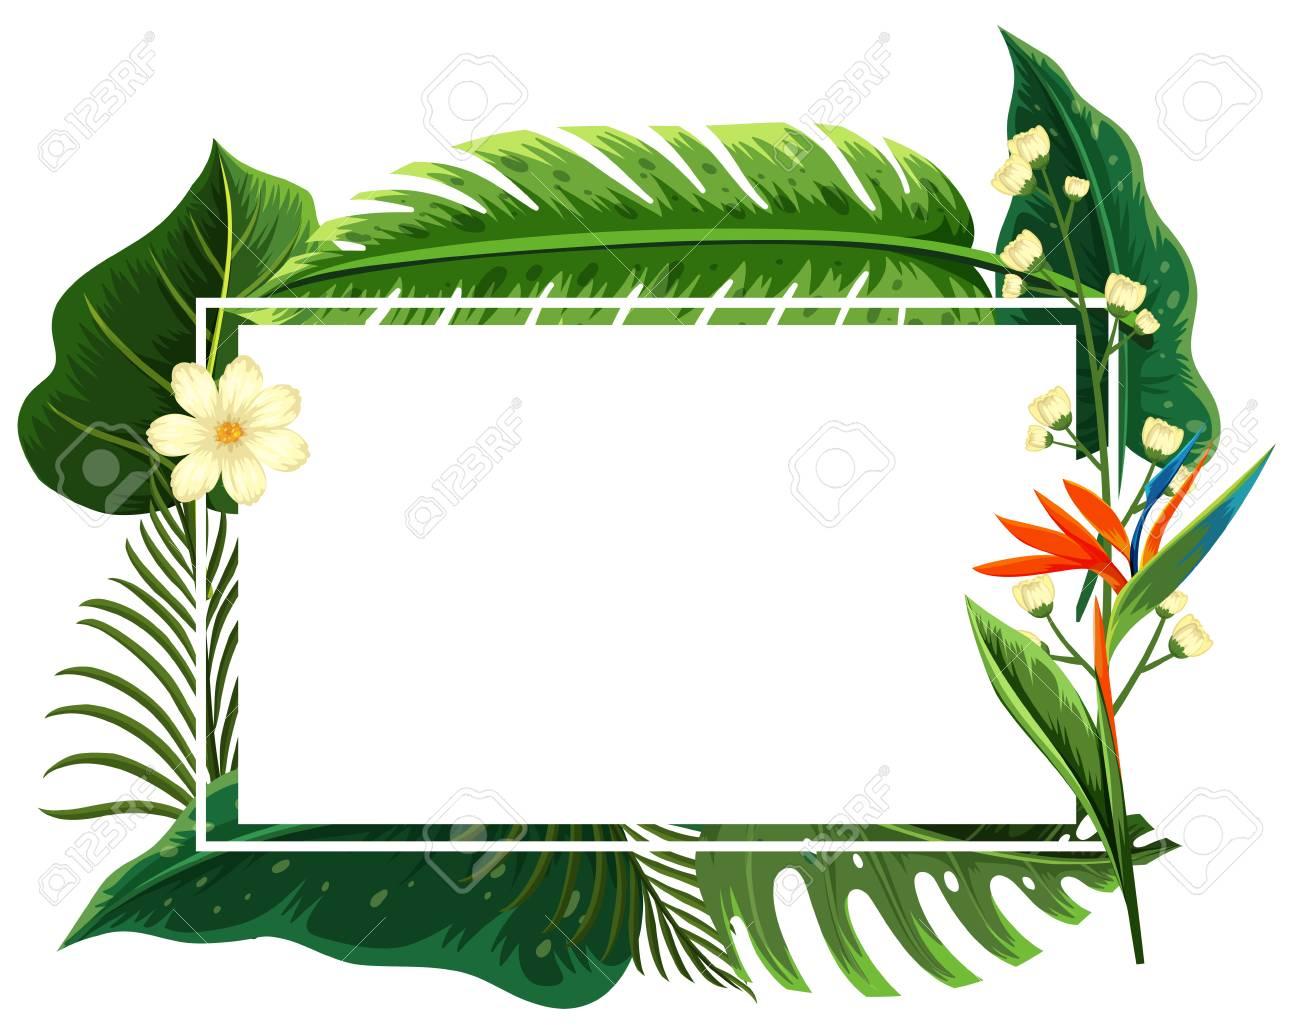 Marco Cuadrado Con Hojas Verdes Y Flores Ilustración Ilustraciones ...